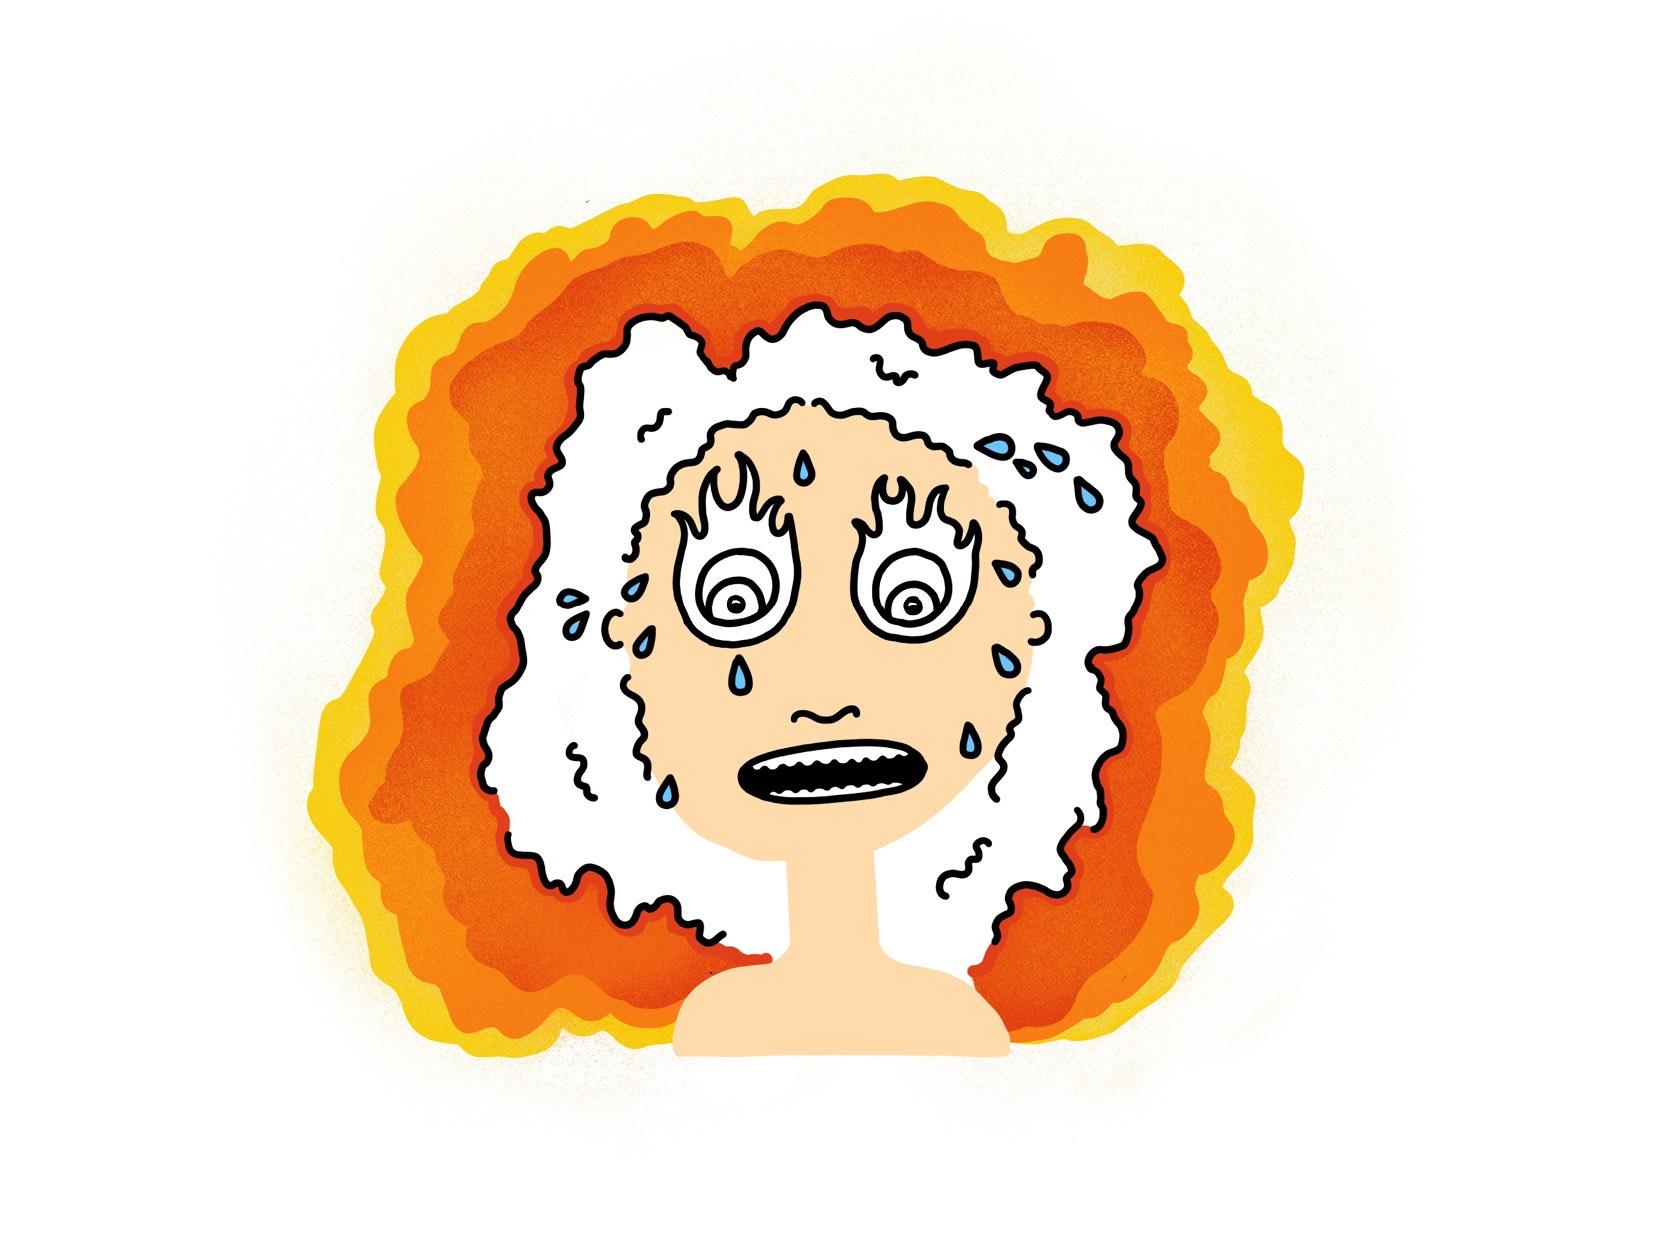 elenapotter-illustration-johnshopkins-menopause.jpg